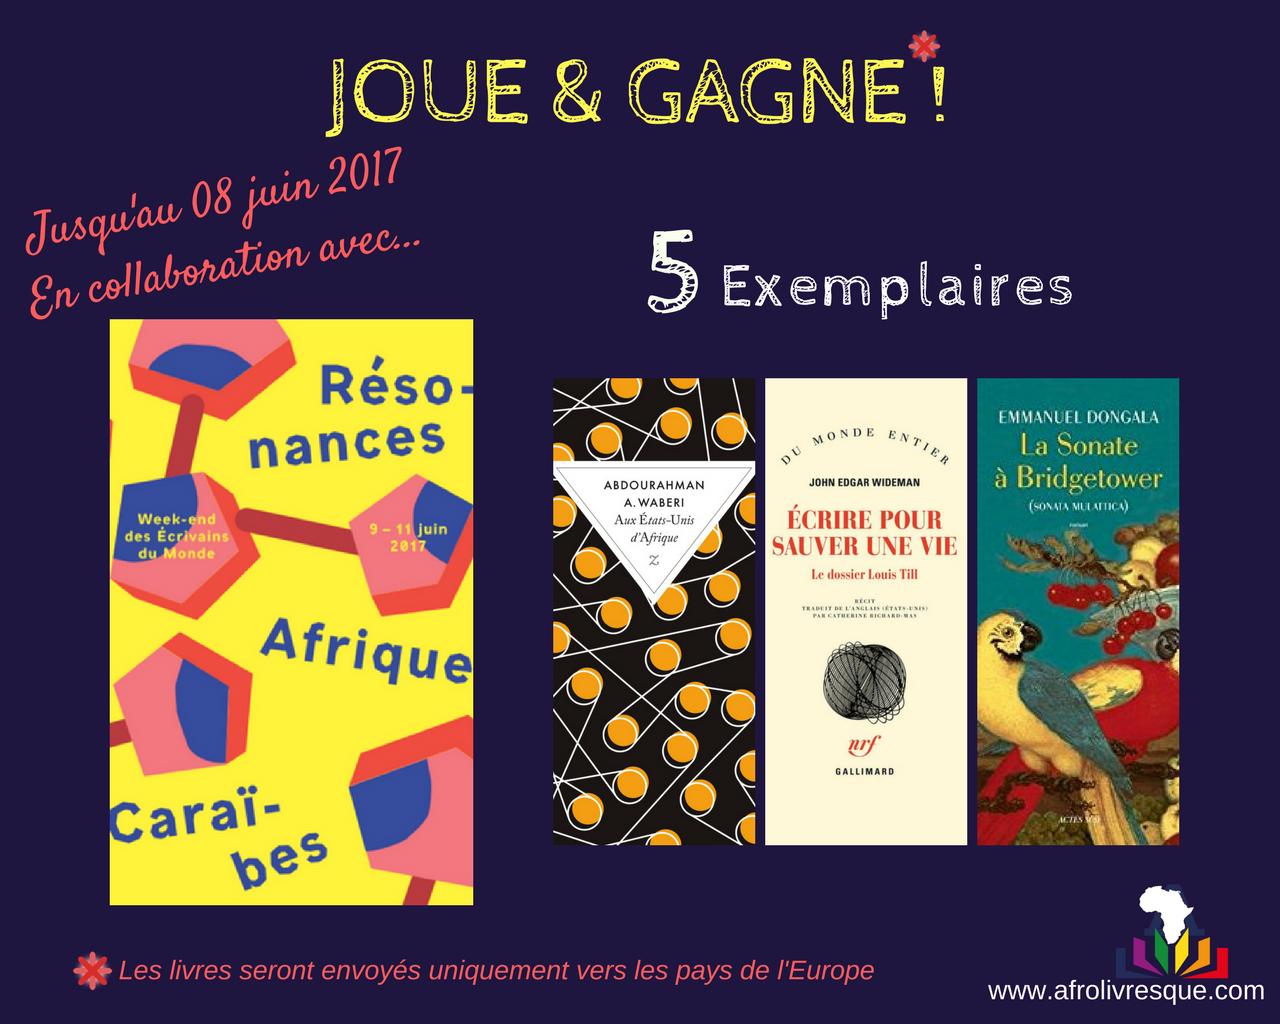 Afrolivresque Jeu - Résonances Afrique_Caraibes Juin 2017